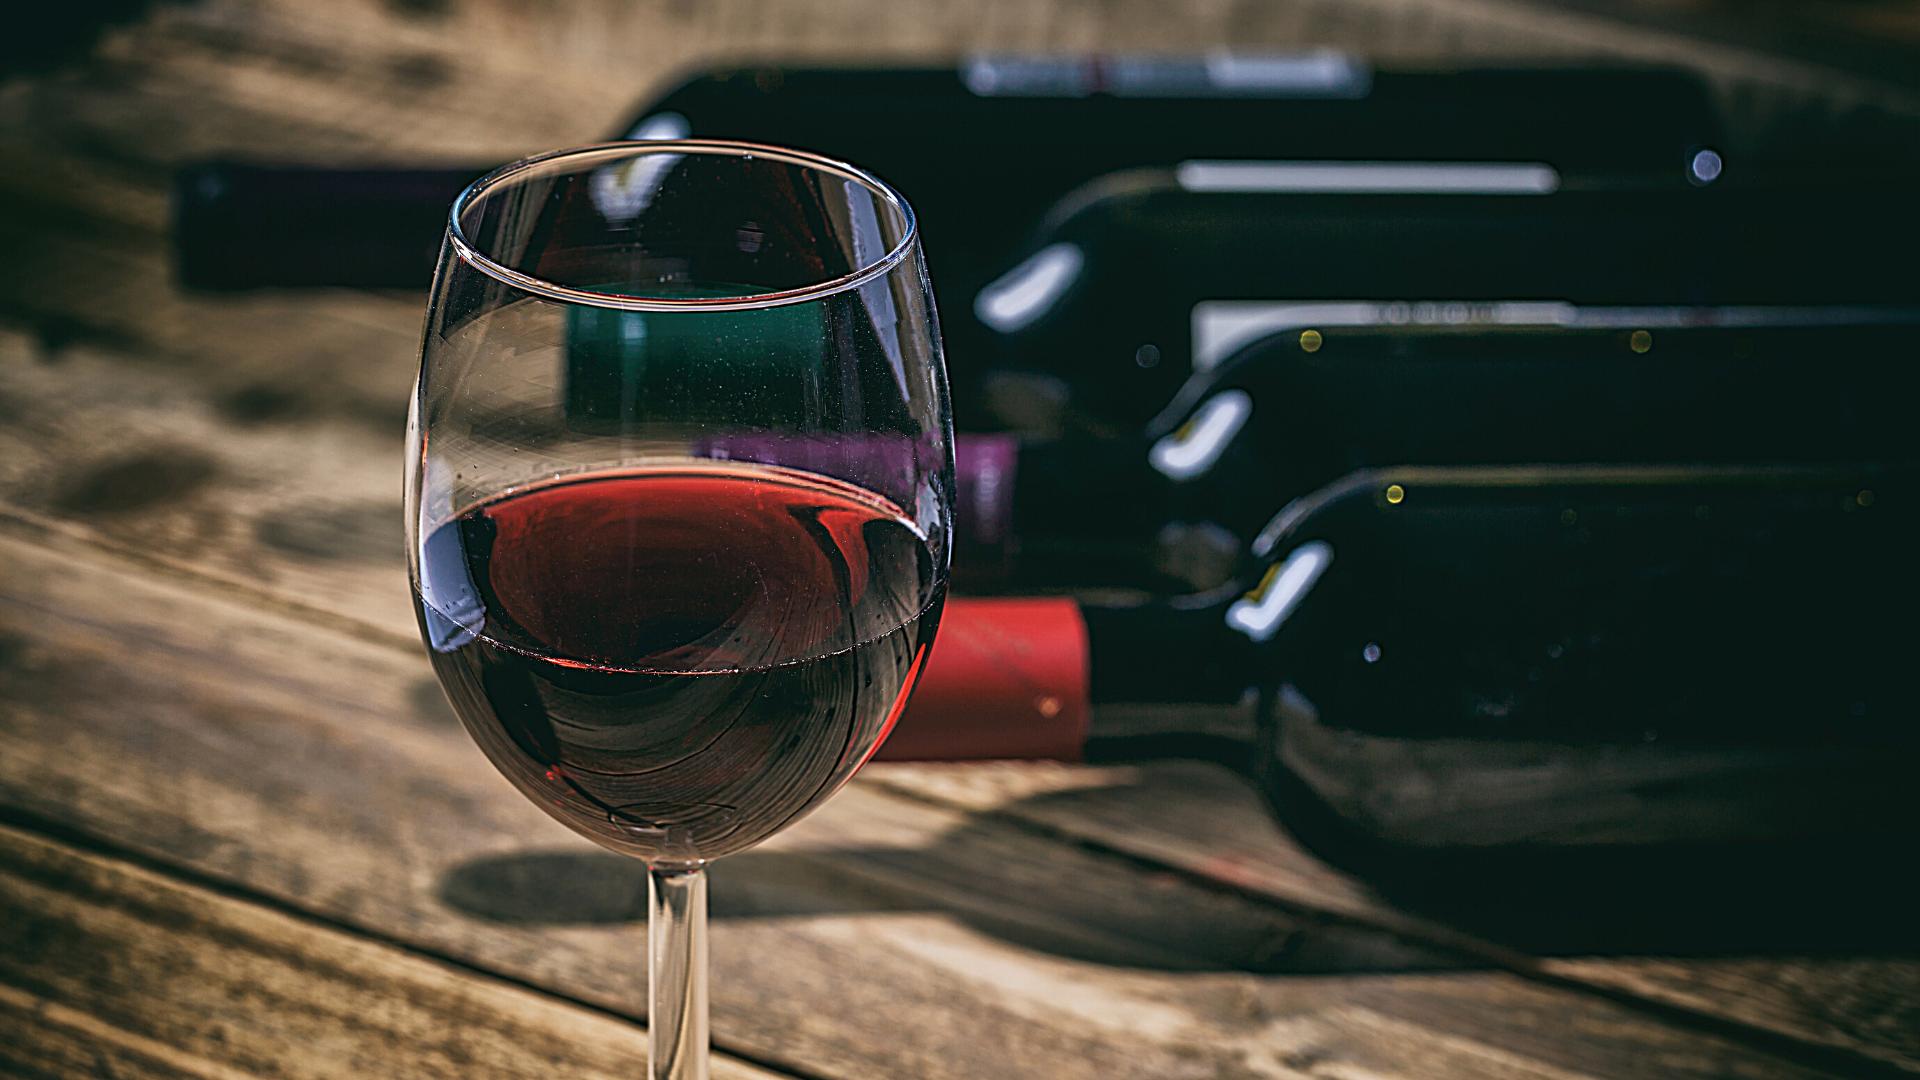 Vino. Perché le bottiglie più comuni hanno una capacità di 0,75 litri?